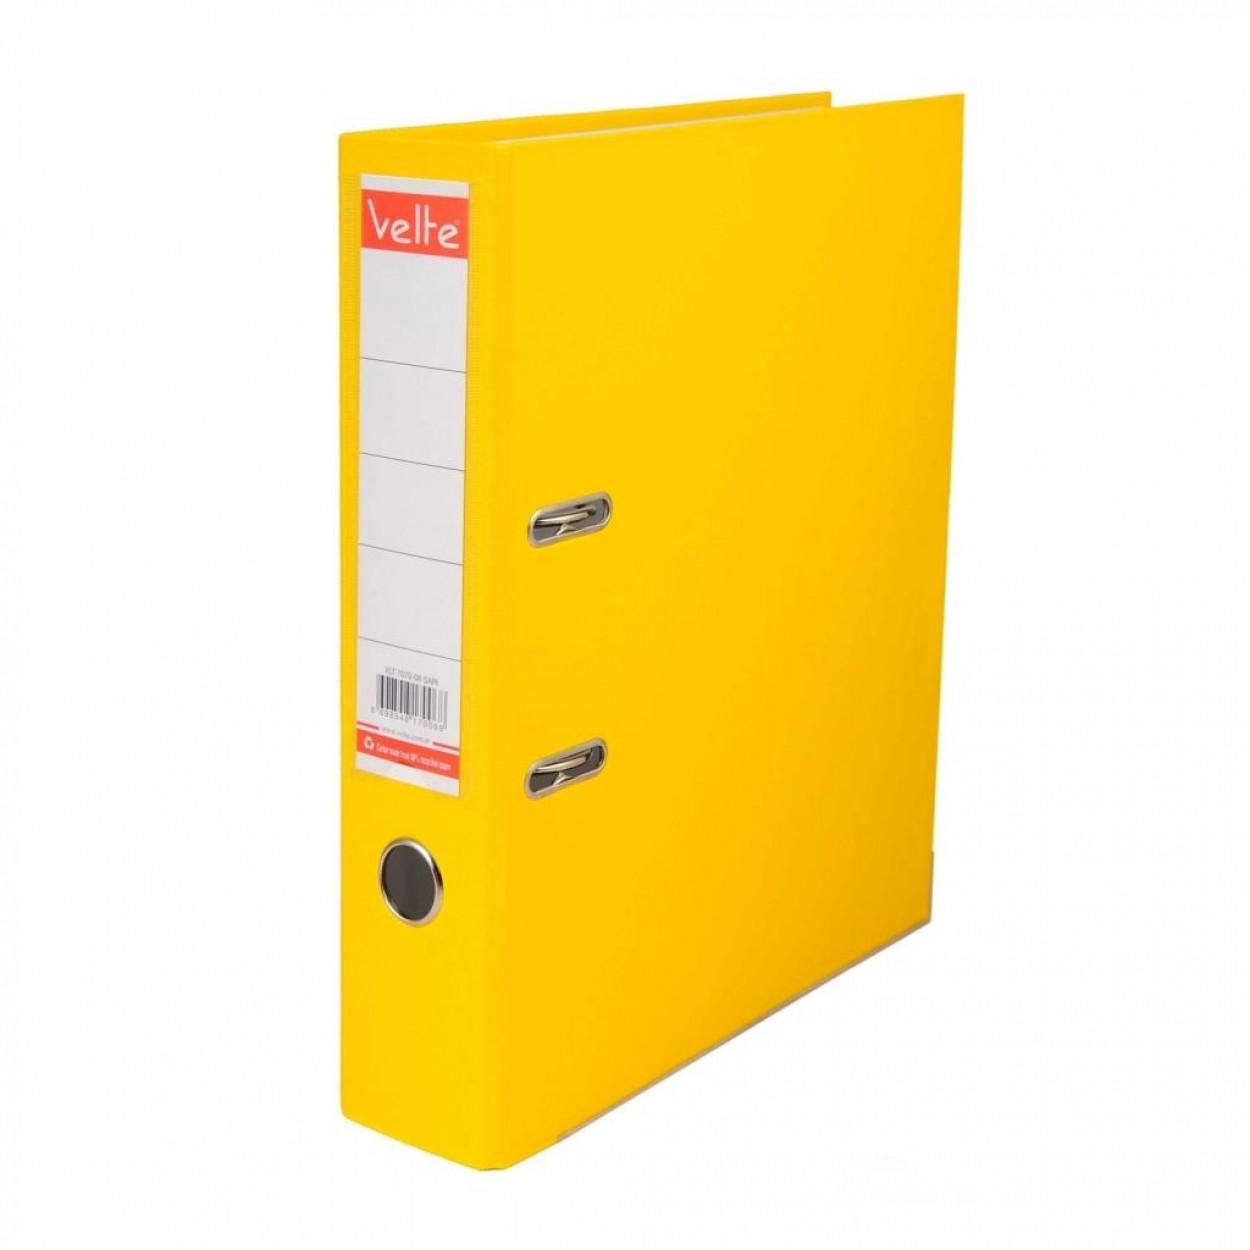 Velte Plastik Klasör Geniş Sarı Renk